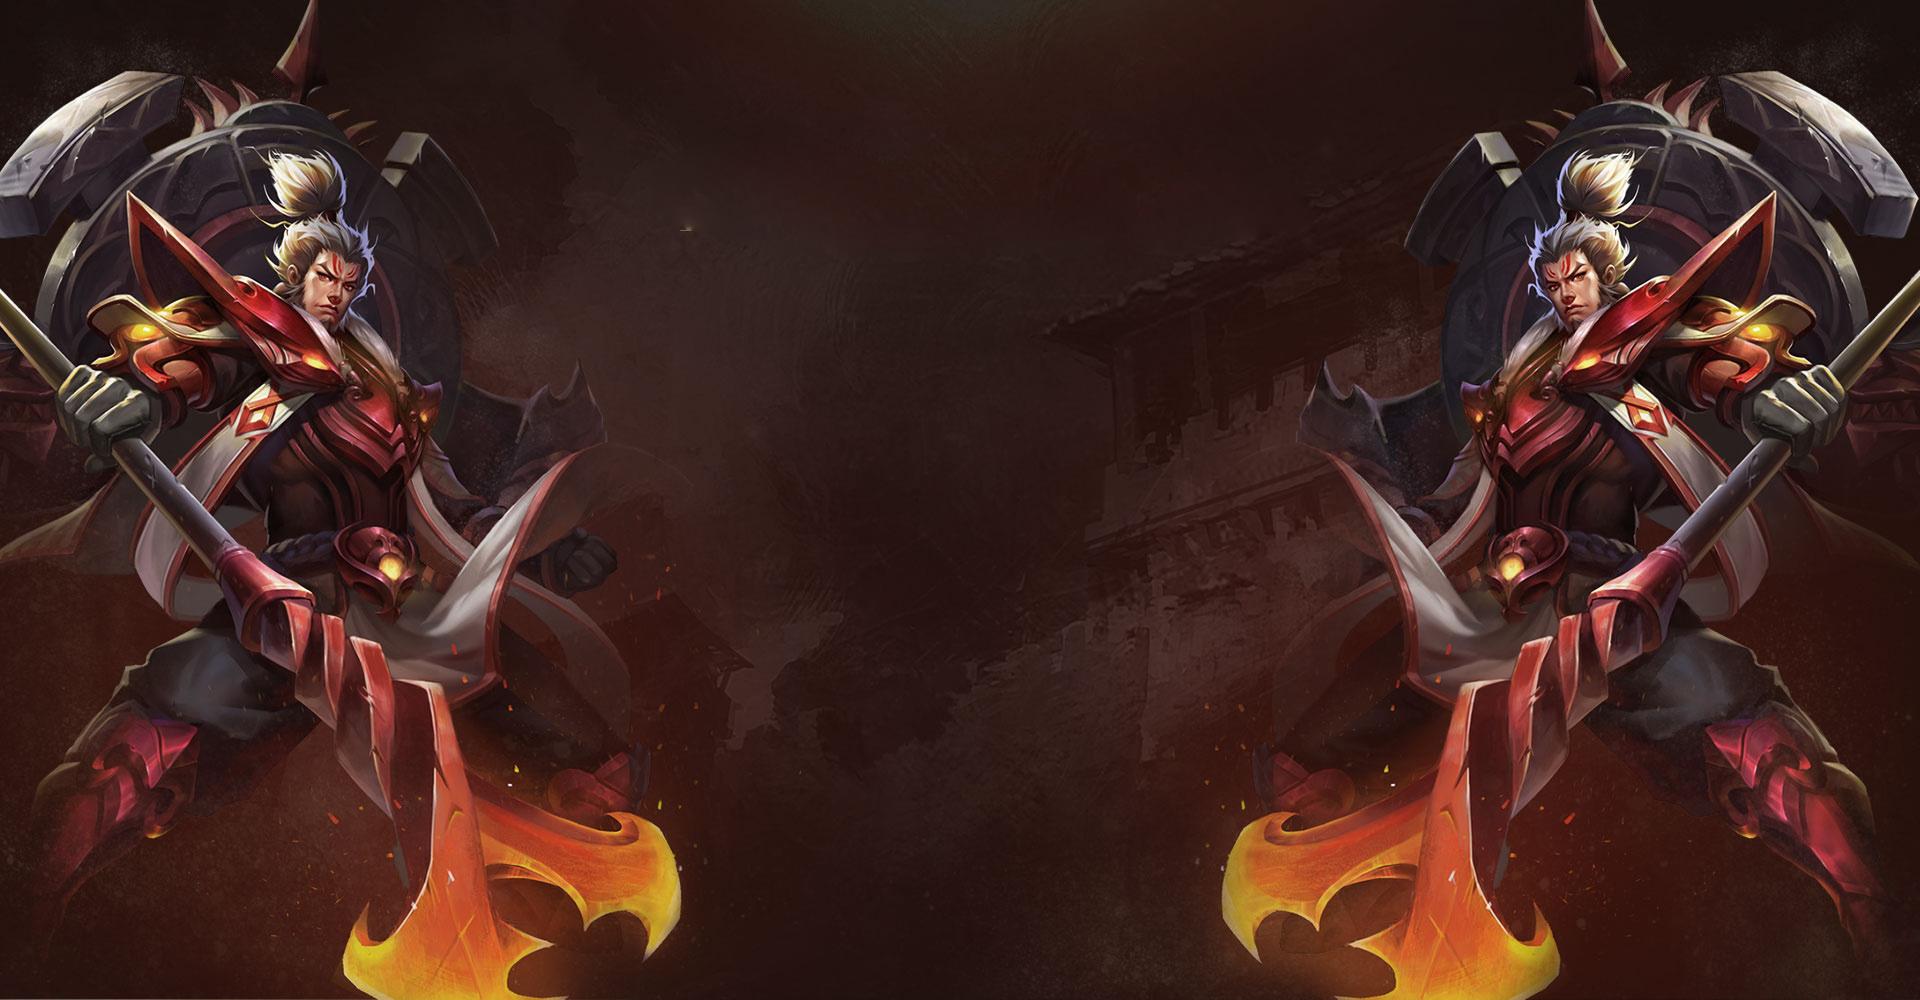 第1弹《王者荣耀英雄皮肤CG》竞技游戏210